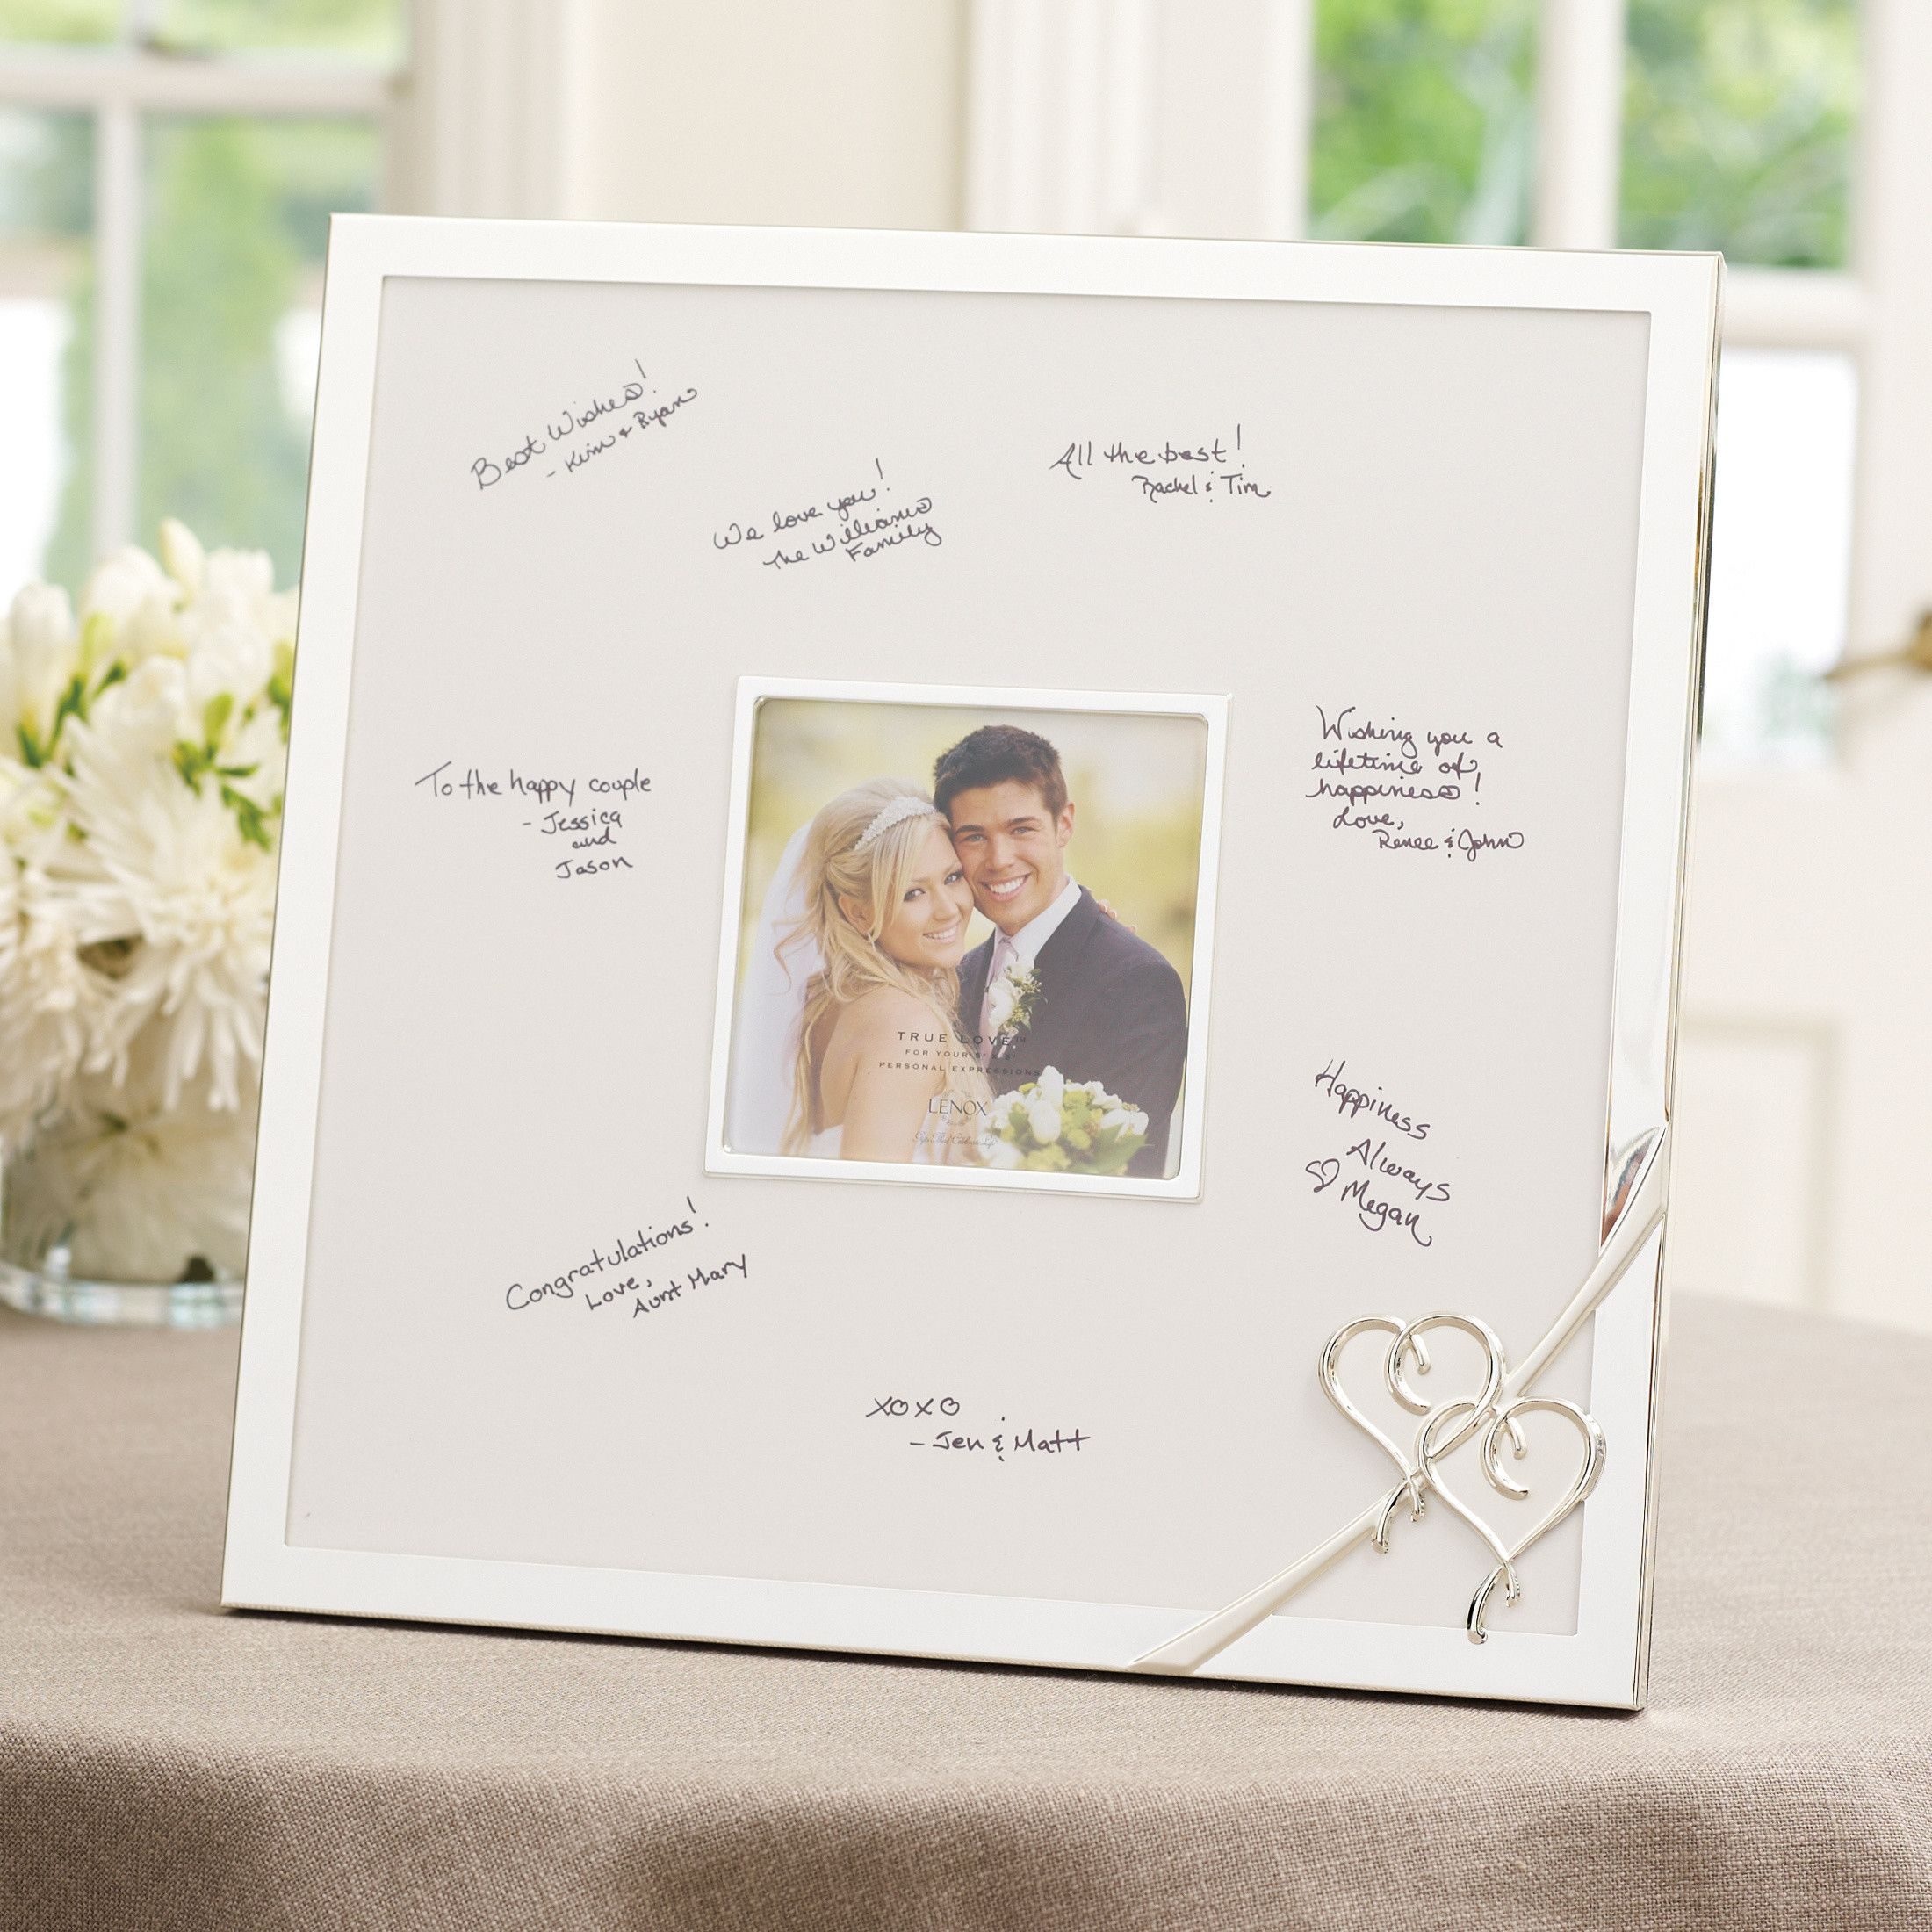 lenox true wedding guest book frame wedding guest book